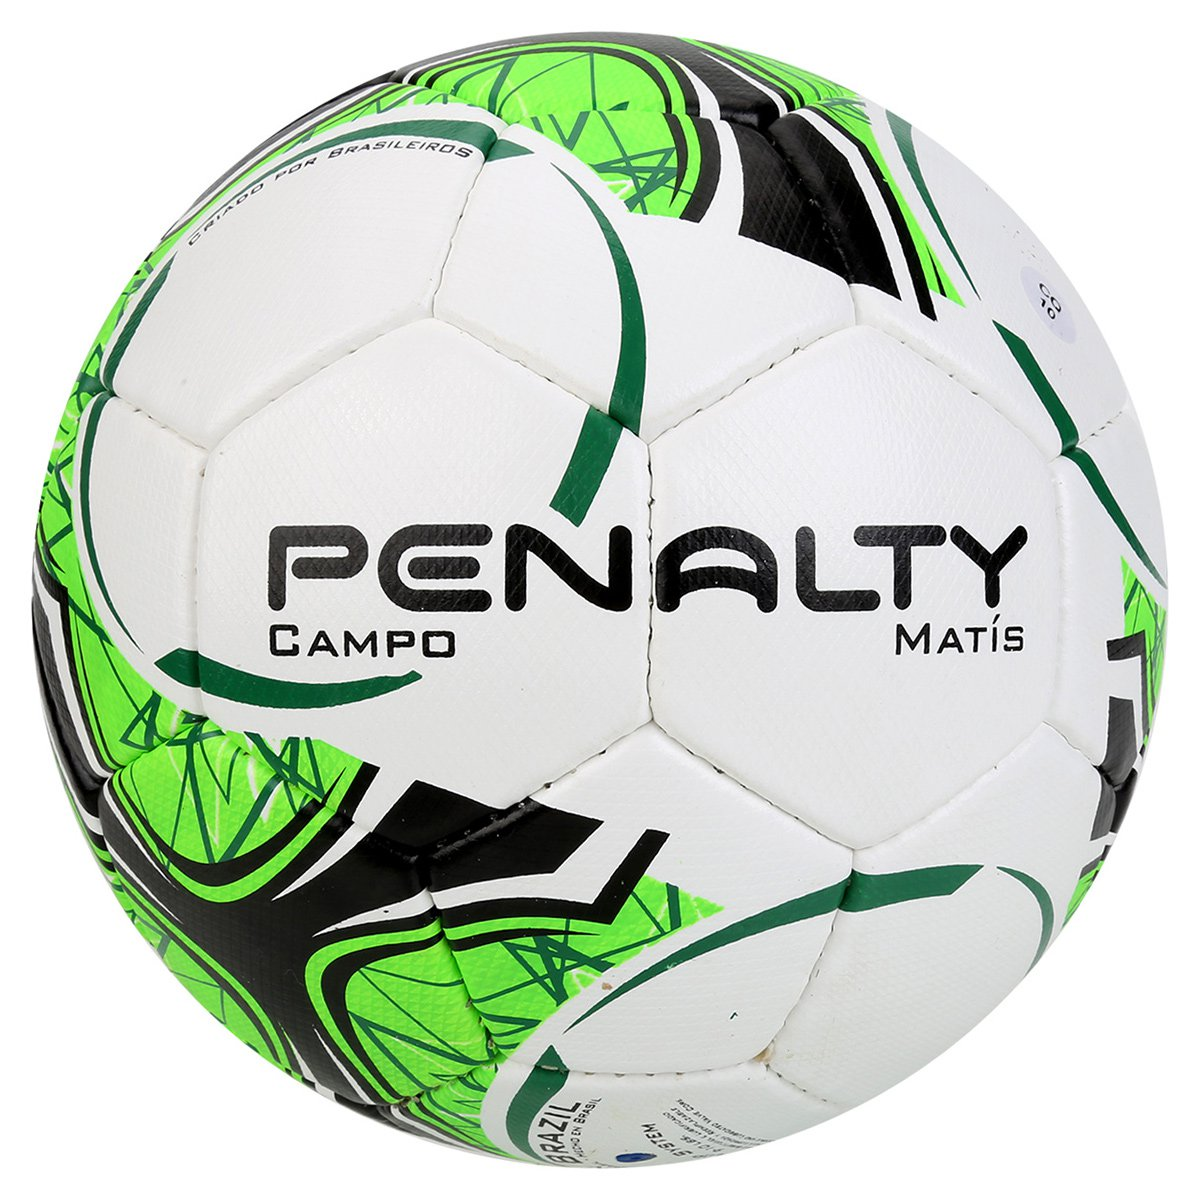 bd2257c47bb47 Bola Futebol Campo Penalty Matis Com Costura à Mão 7 - Compre Agora ...